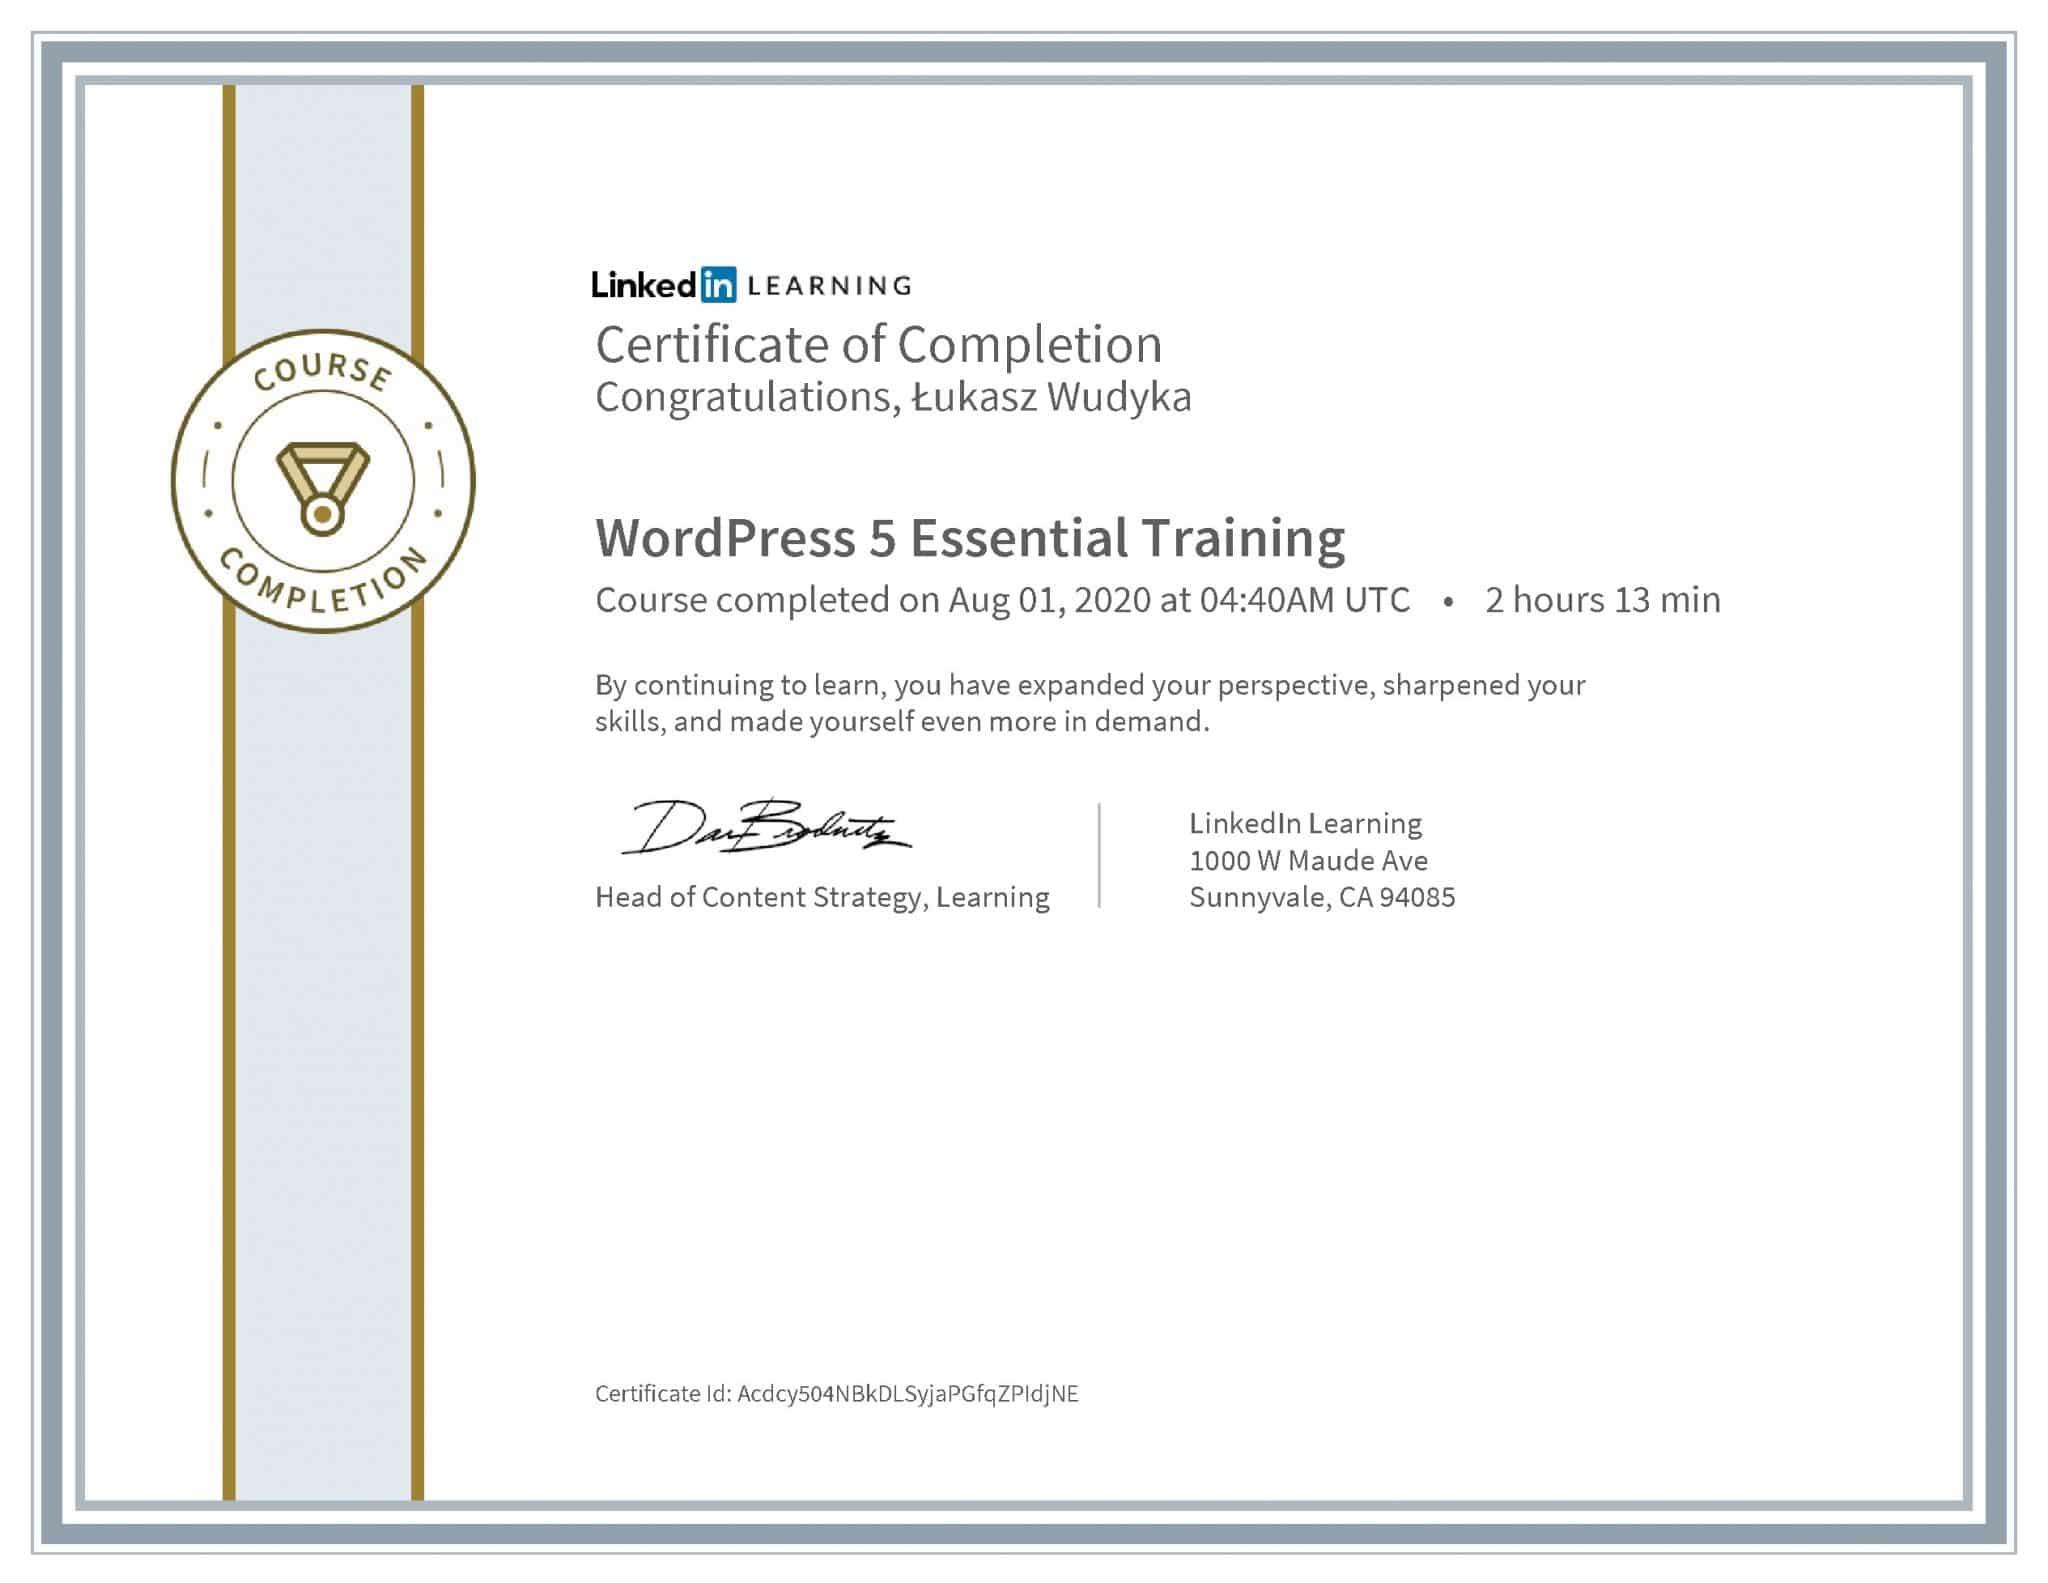 Łukasz Wudyka certyfikat LinkedIn WordPress 5 Essential Training